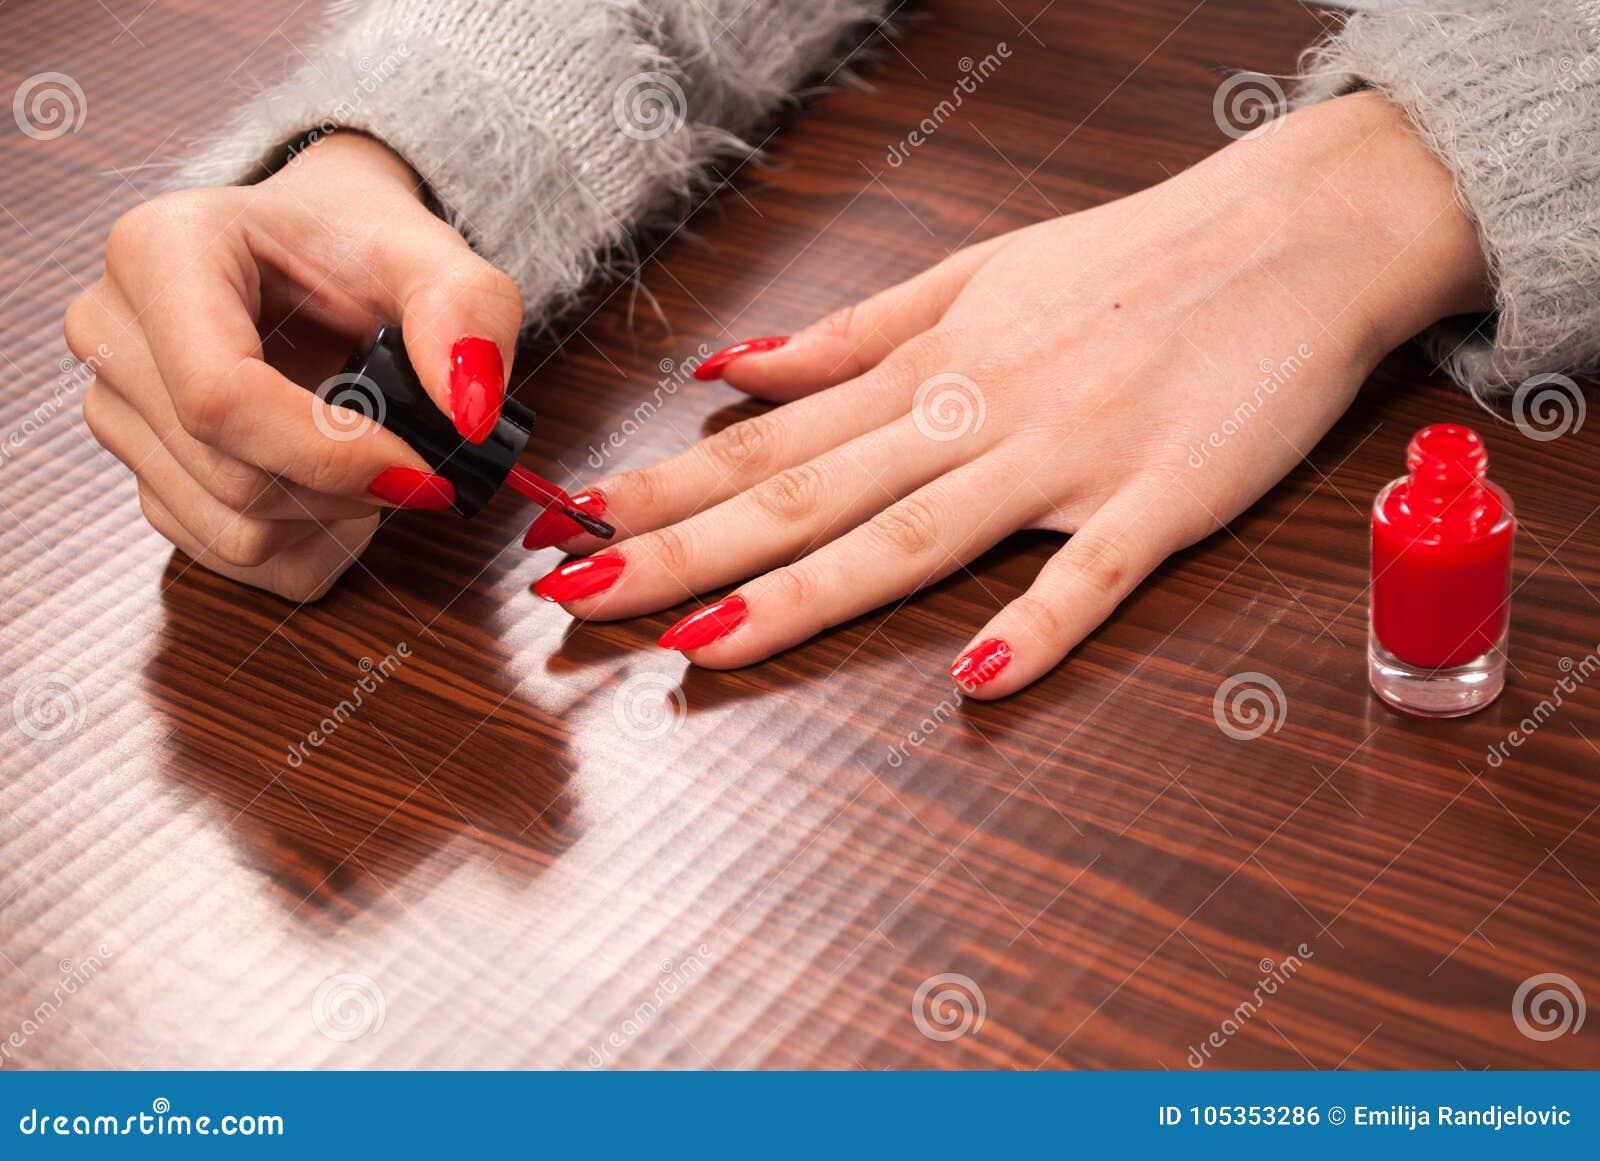 绘她的在手指的妇女钉子在木书桌上的红颜色